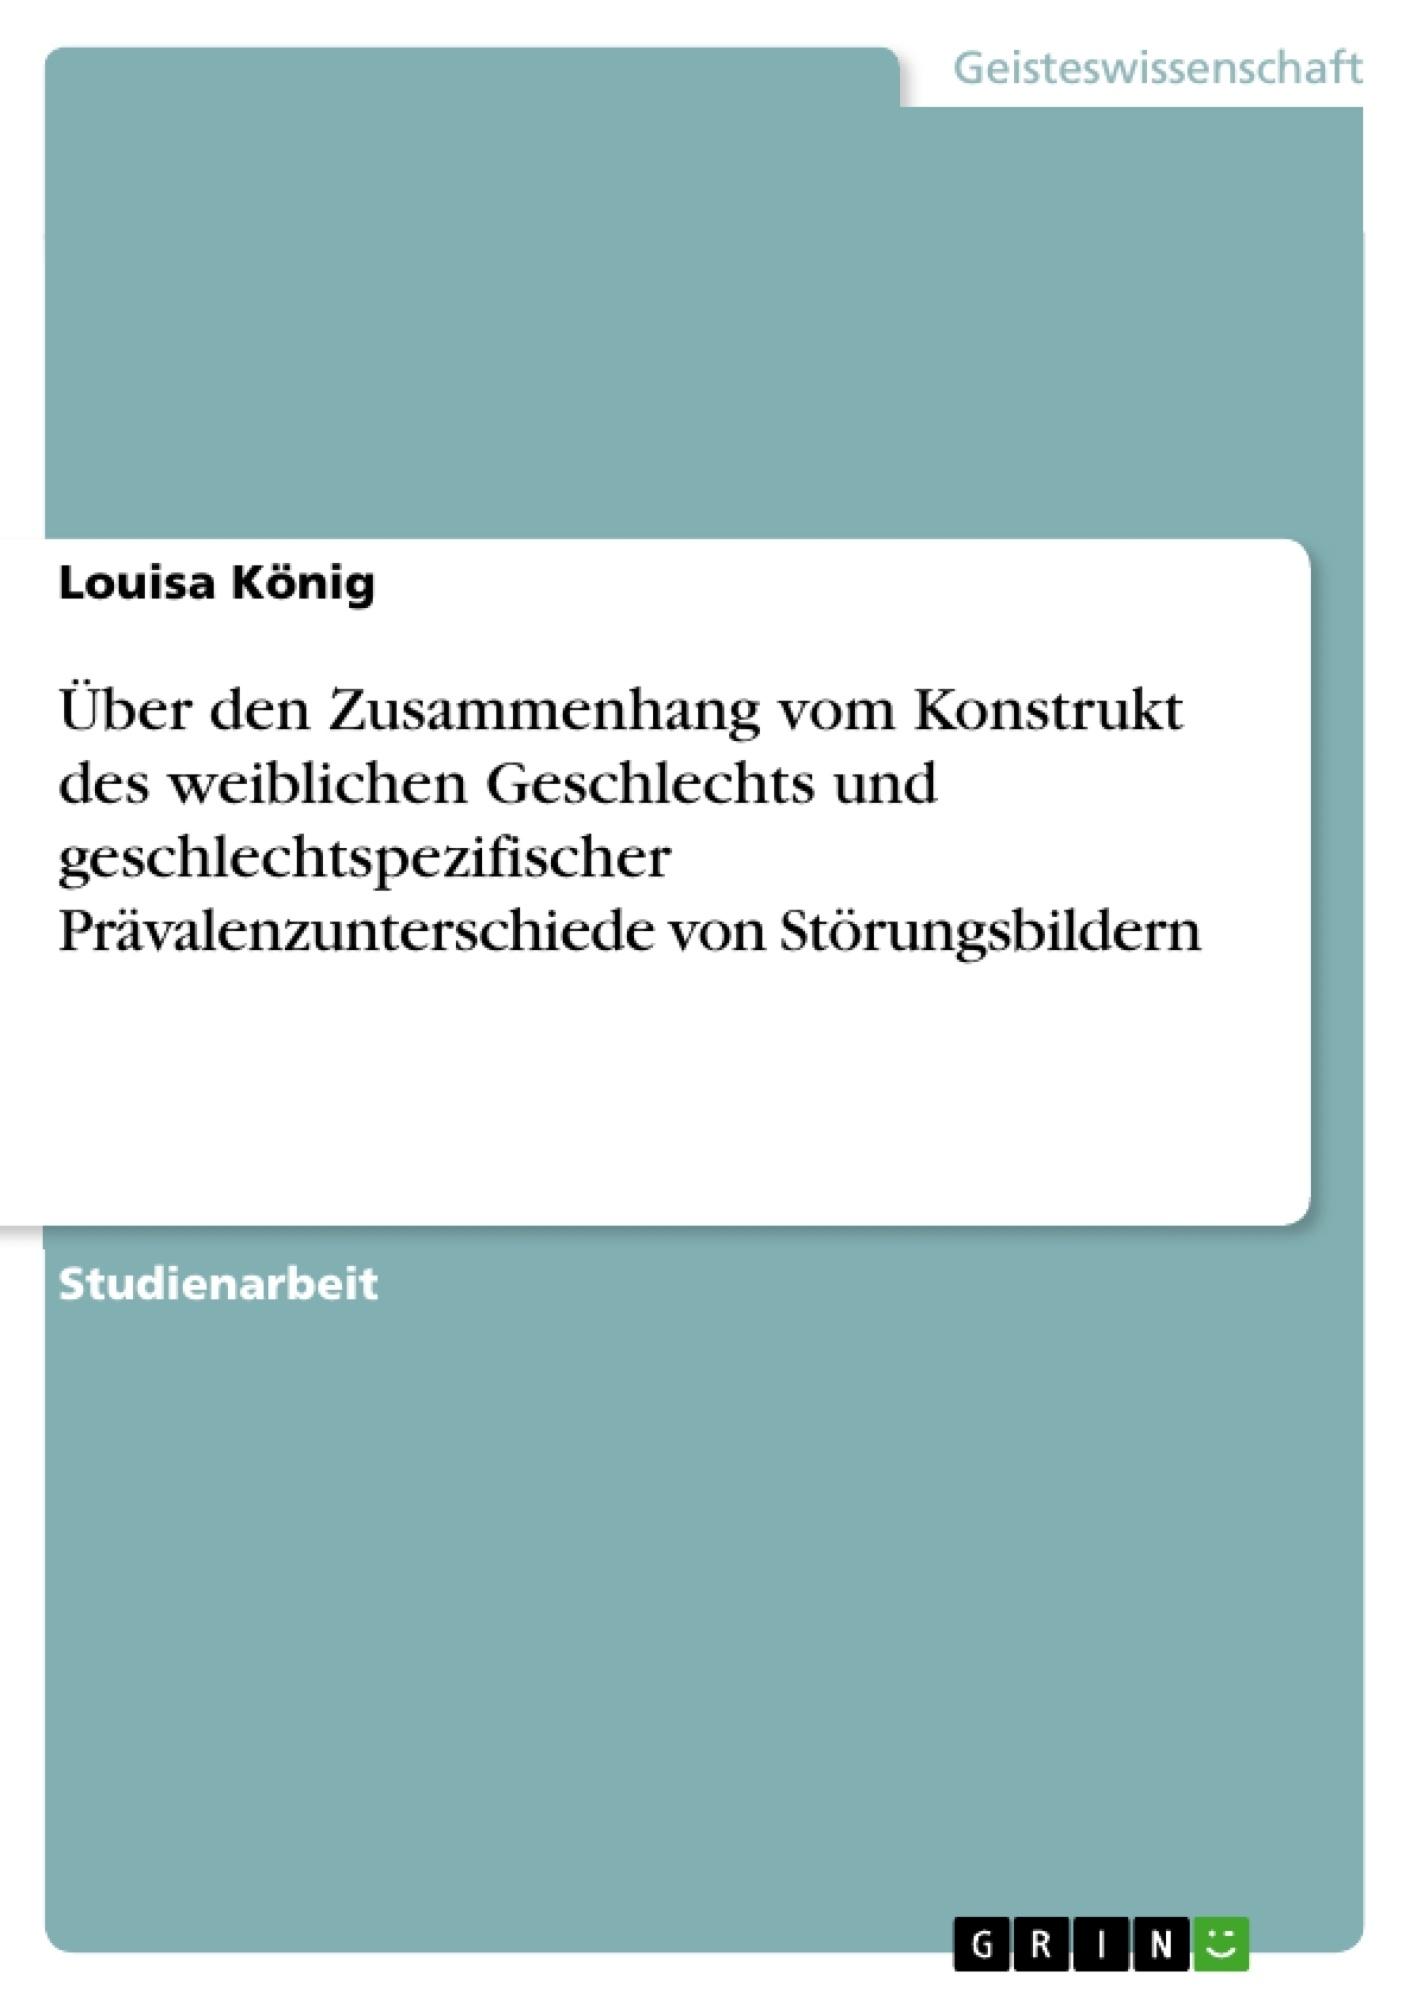 Titel: Über den Zusammenhang vom Konstrukt des weiblichen Geschlechts und geschlechtspezifischer Prävalenzunterschiede von Störungsbildern